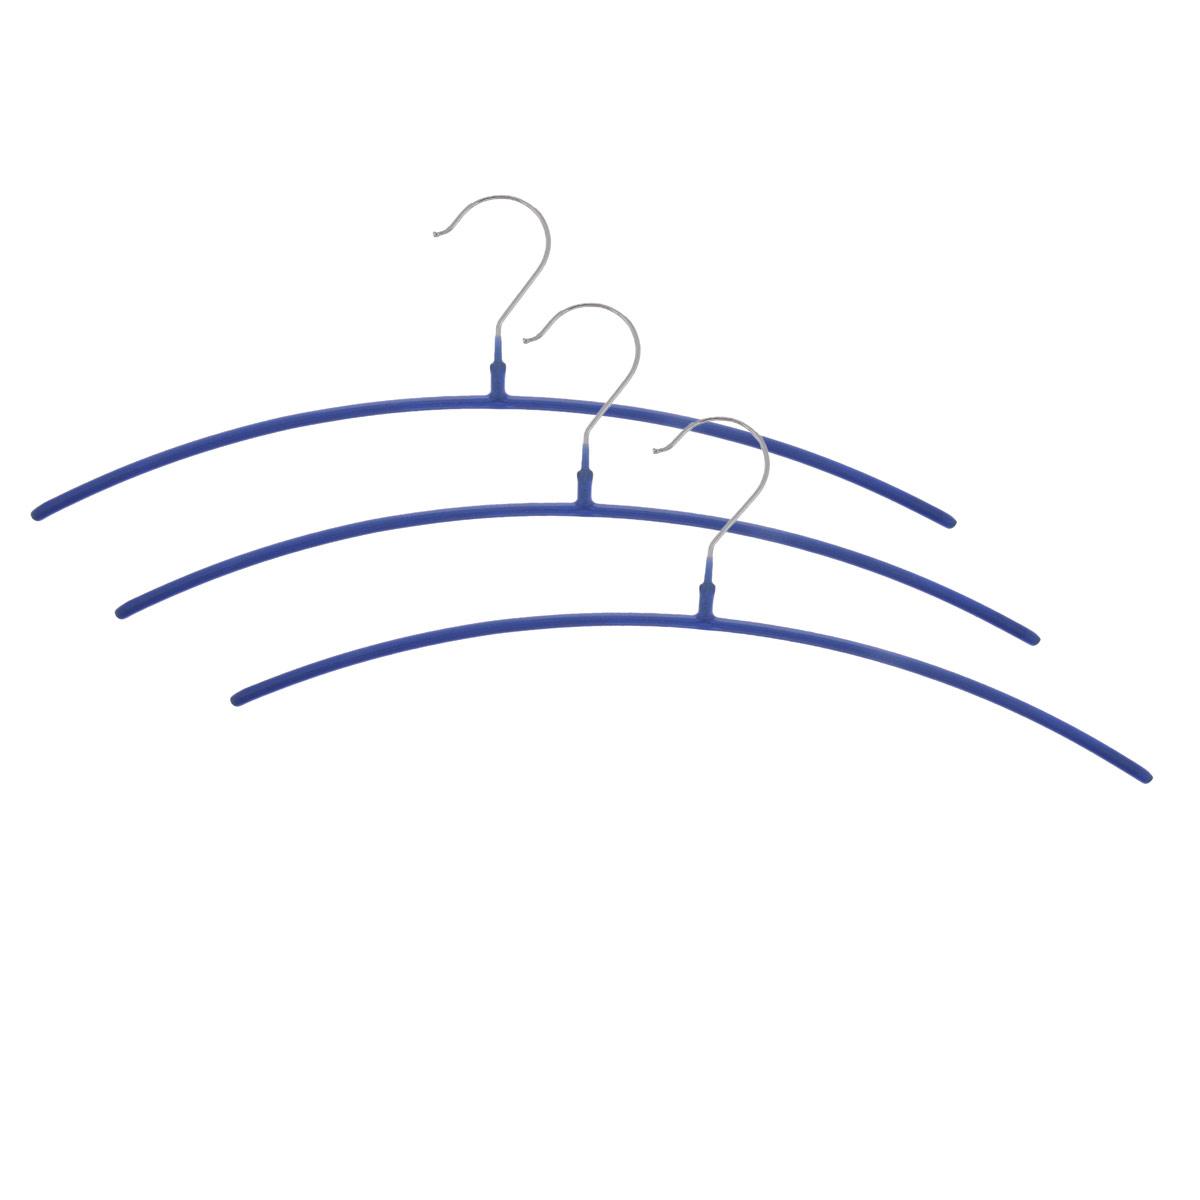 Набор вешалок Metaltex, цвет: синий, длина 41,5 см, 3 шт55.21.07_синий_синийКомплект вешалок Metaltex изготовлен из металла и полимерного материала. Плечики каждой вешалки покрыты противоскользящим полимером. Вешалка - это незаменимая вещь для того, чтобы ваша одежда всегда оставалась в хорошем состоянии. Комплектация: 3 шт.